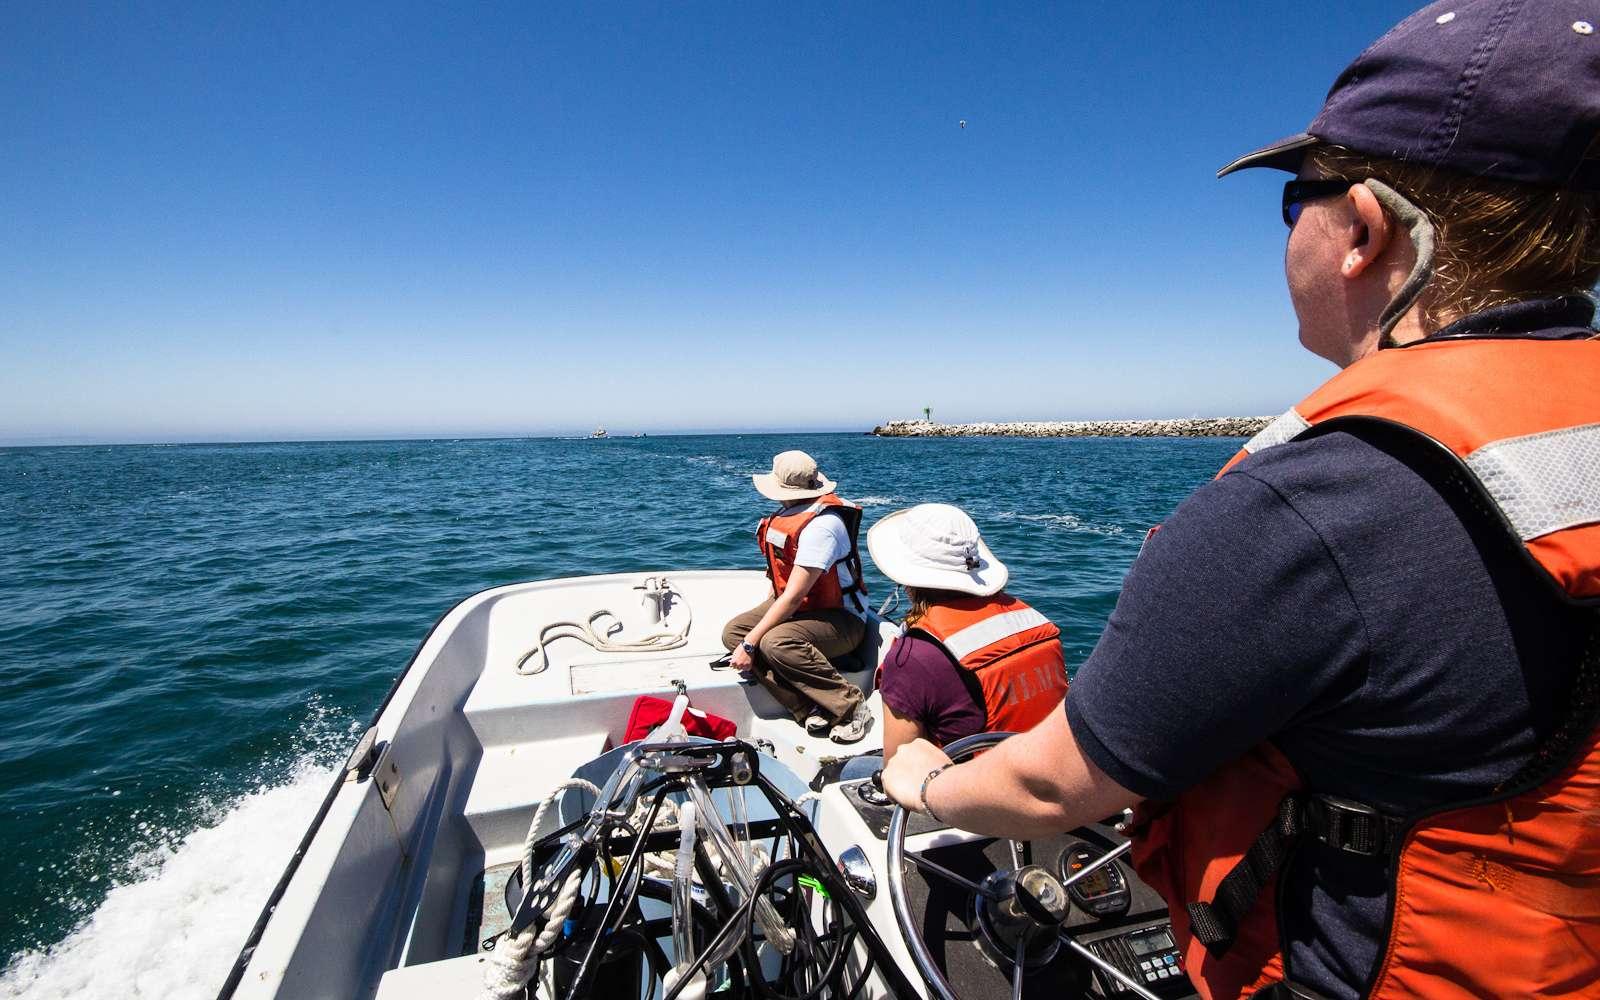 Le mal des transports peut se manifester en voiture, en bateau ou dans des manèges. © Eric Heupel, Flickr, CC by-nc 2.0